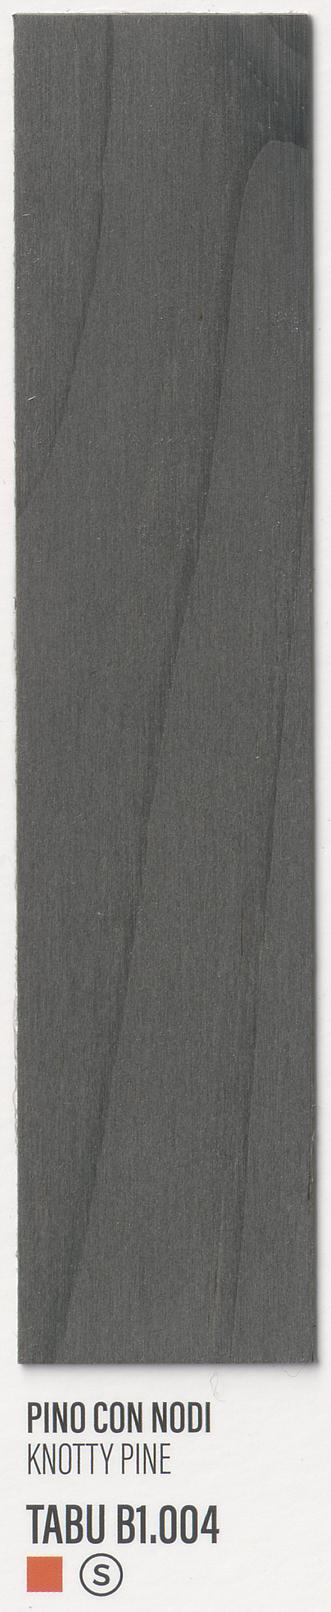 B21-(300dpi)(20181031)